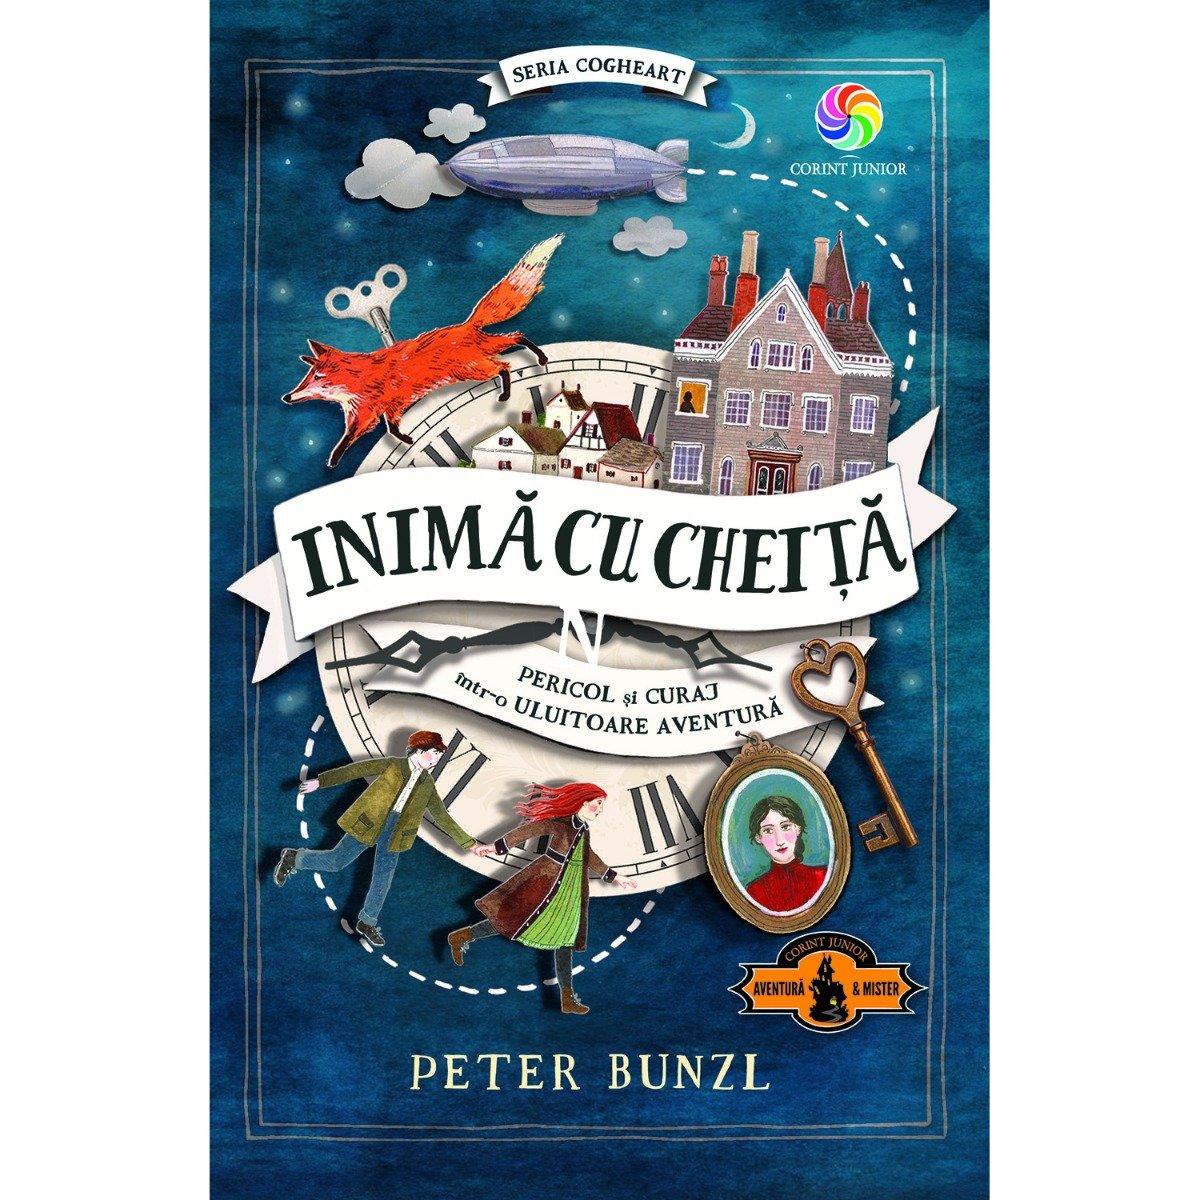 Carte Editura Corint, Cogheart vol. 1 Inima cu cheita, Peter Bunzl